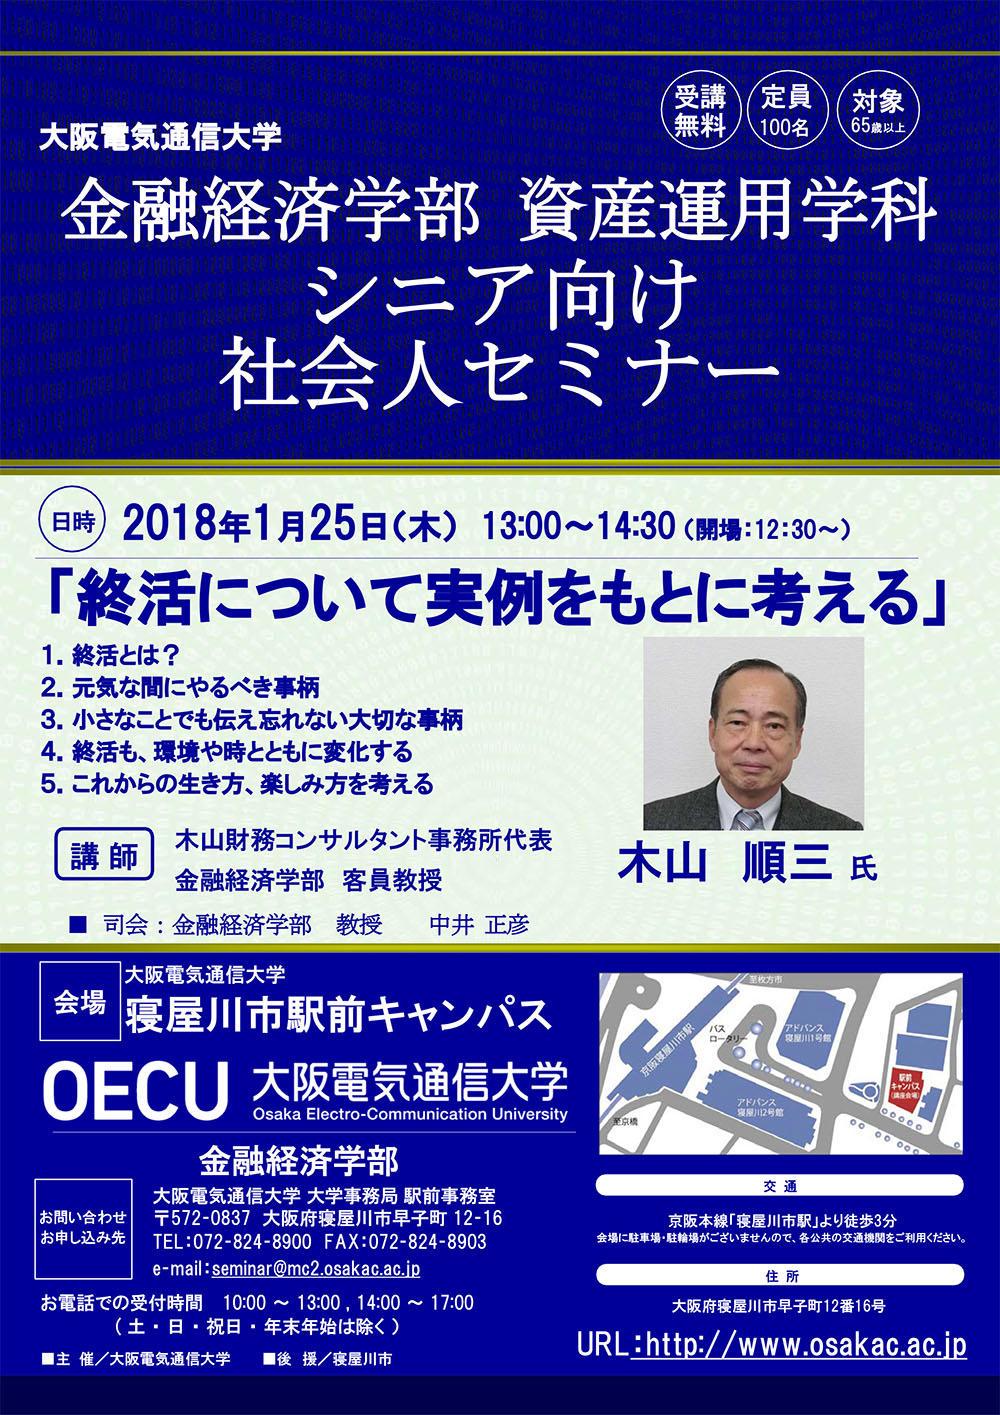 大阪電気通信大学金融経済学部資産運用学科が1月25日に「シニア向け社会人セミナー」を開催-- テーマは「終活」